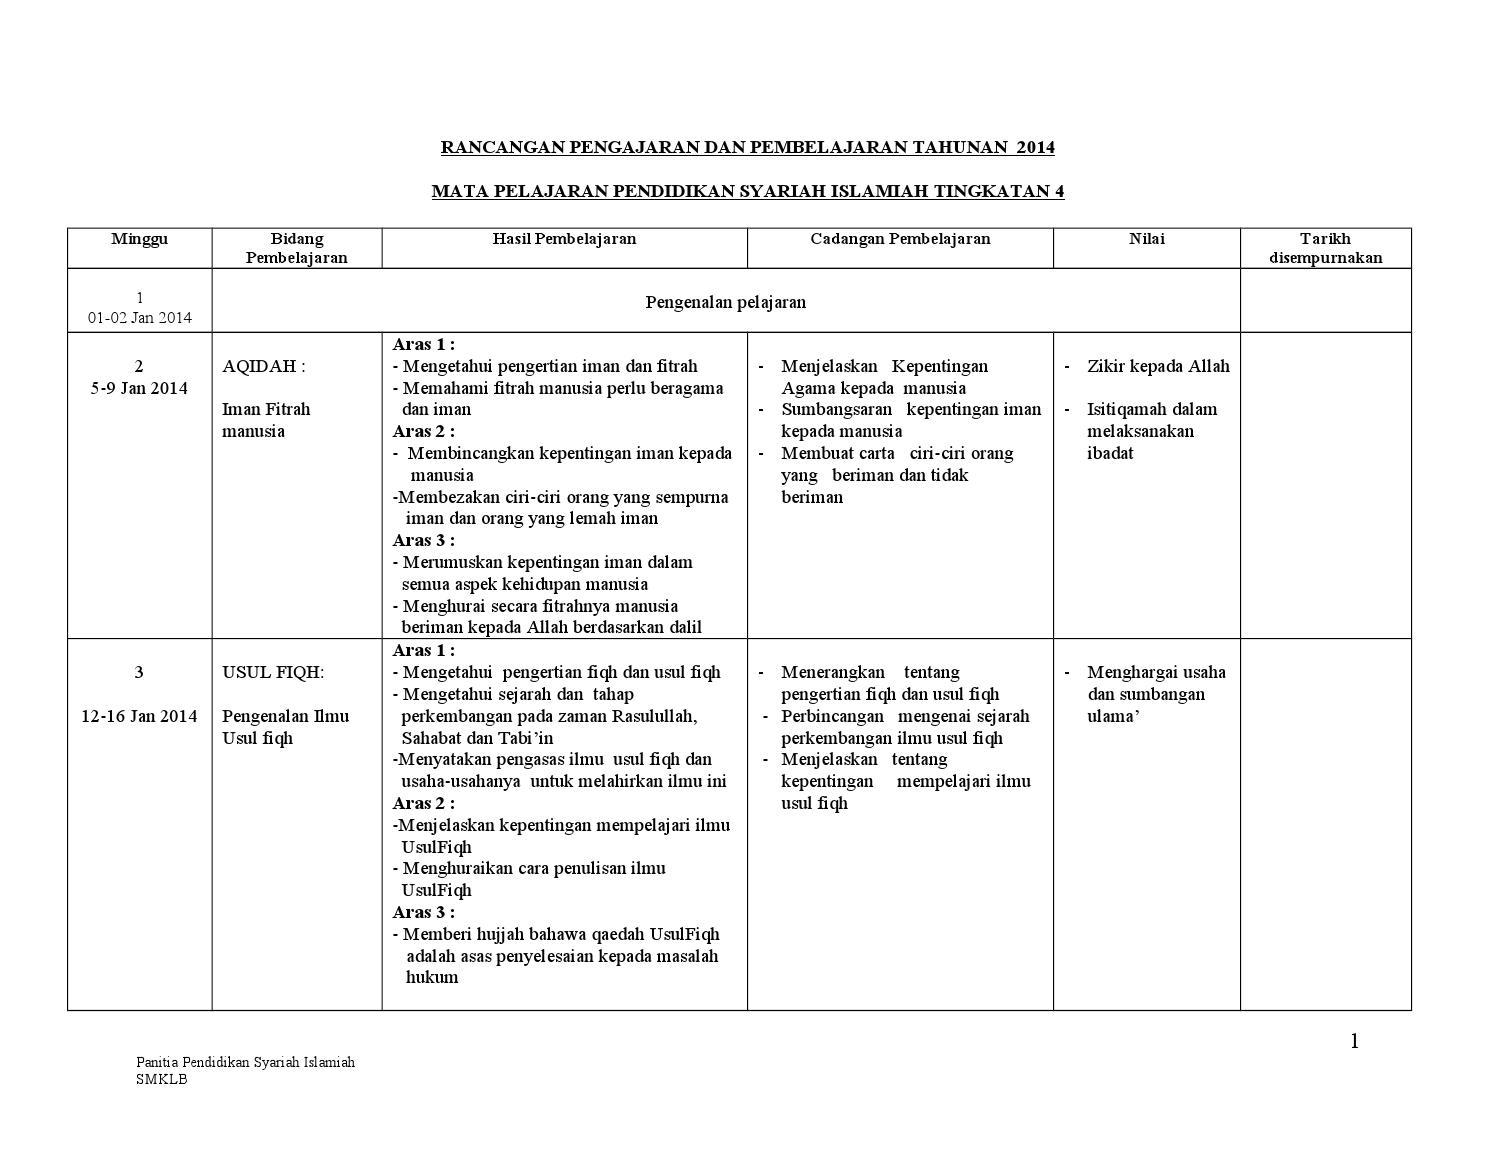 Download Rpt Pendidikan Syariah islamiah Tingkatan 4 Berguna Rancangan Pelajaran Tahunan Psi T 4 Rumi by Salina Na issuu Of Kumpulan Rpt Pendidikan Syariah islamiah Tingkatan 4 Yang Dapat Di Cetak Dengan Senang